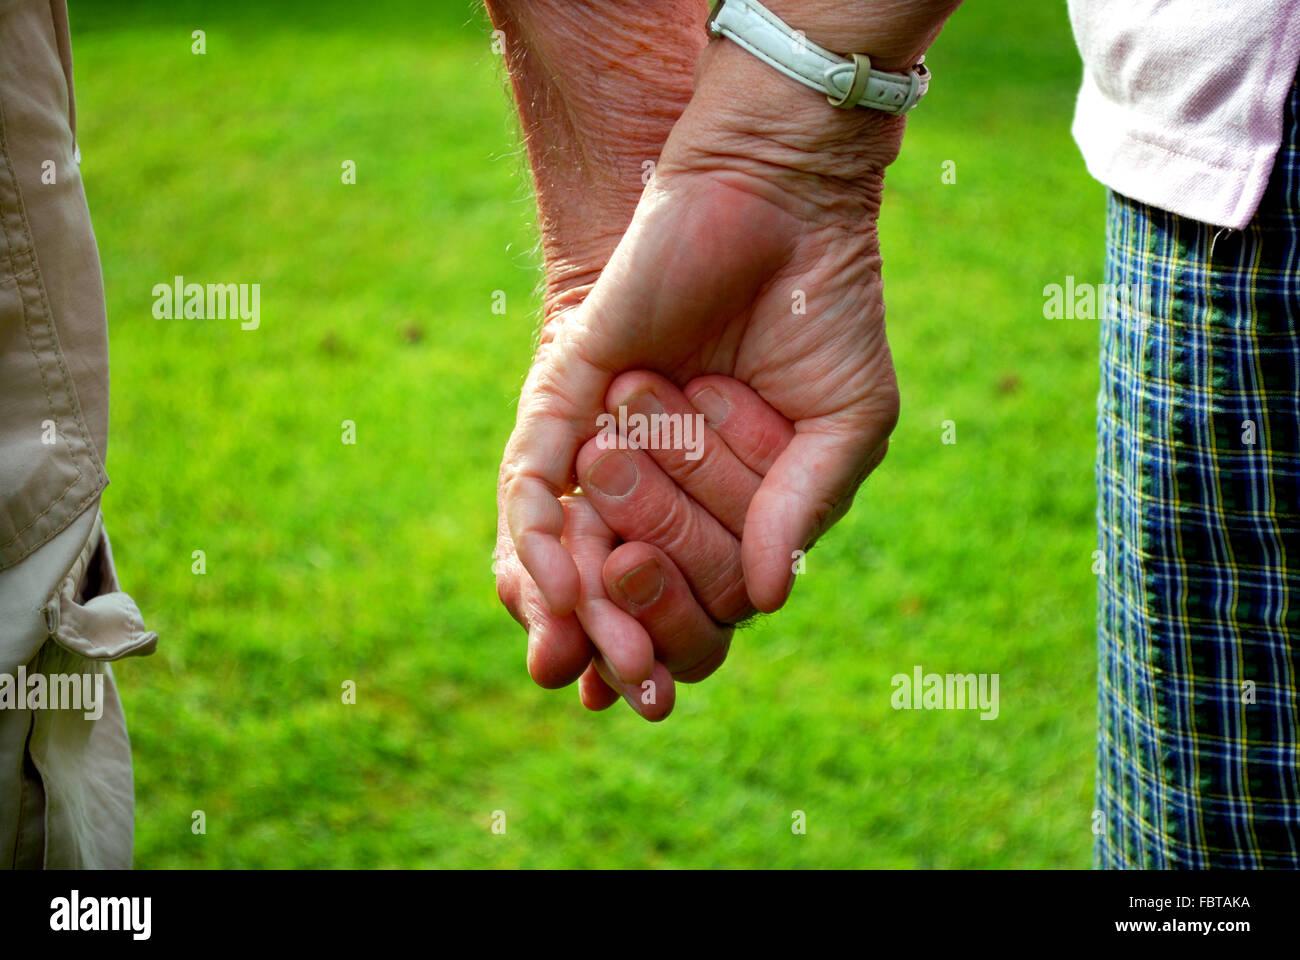 Pareja De Ancianos Tomados De La Mano Foto Imagen De Stock